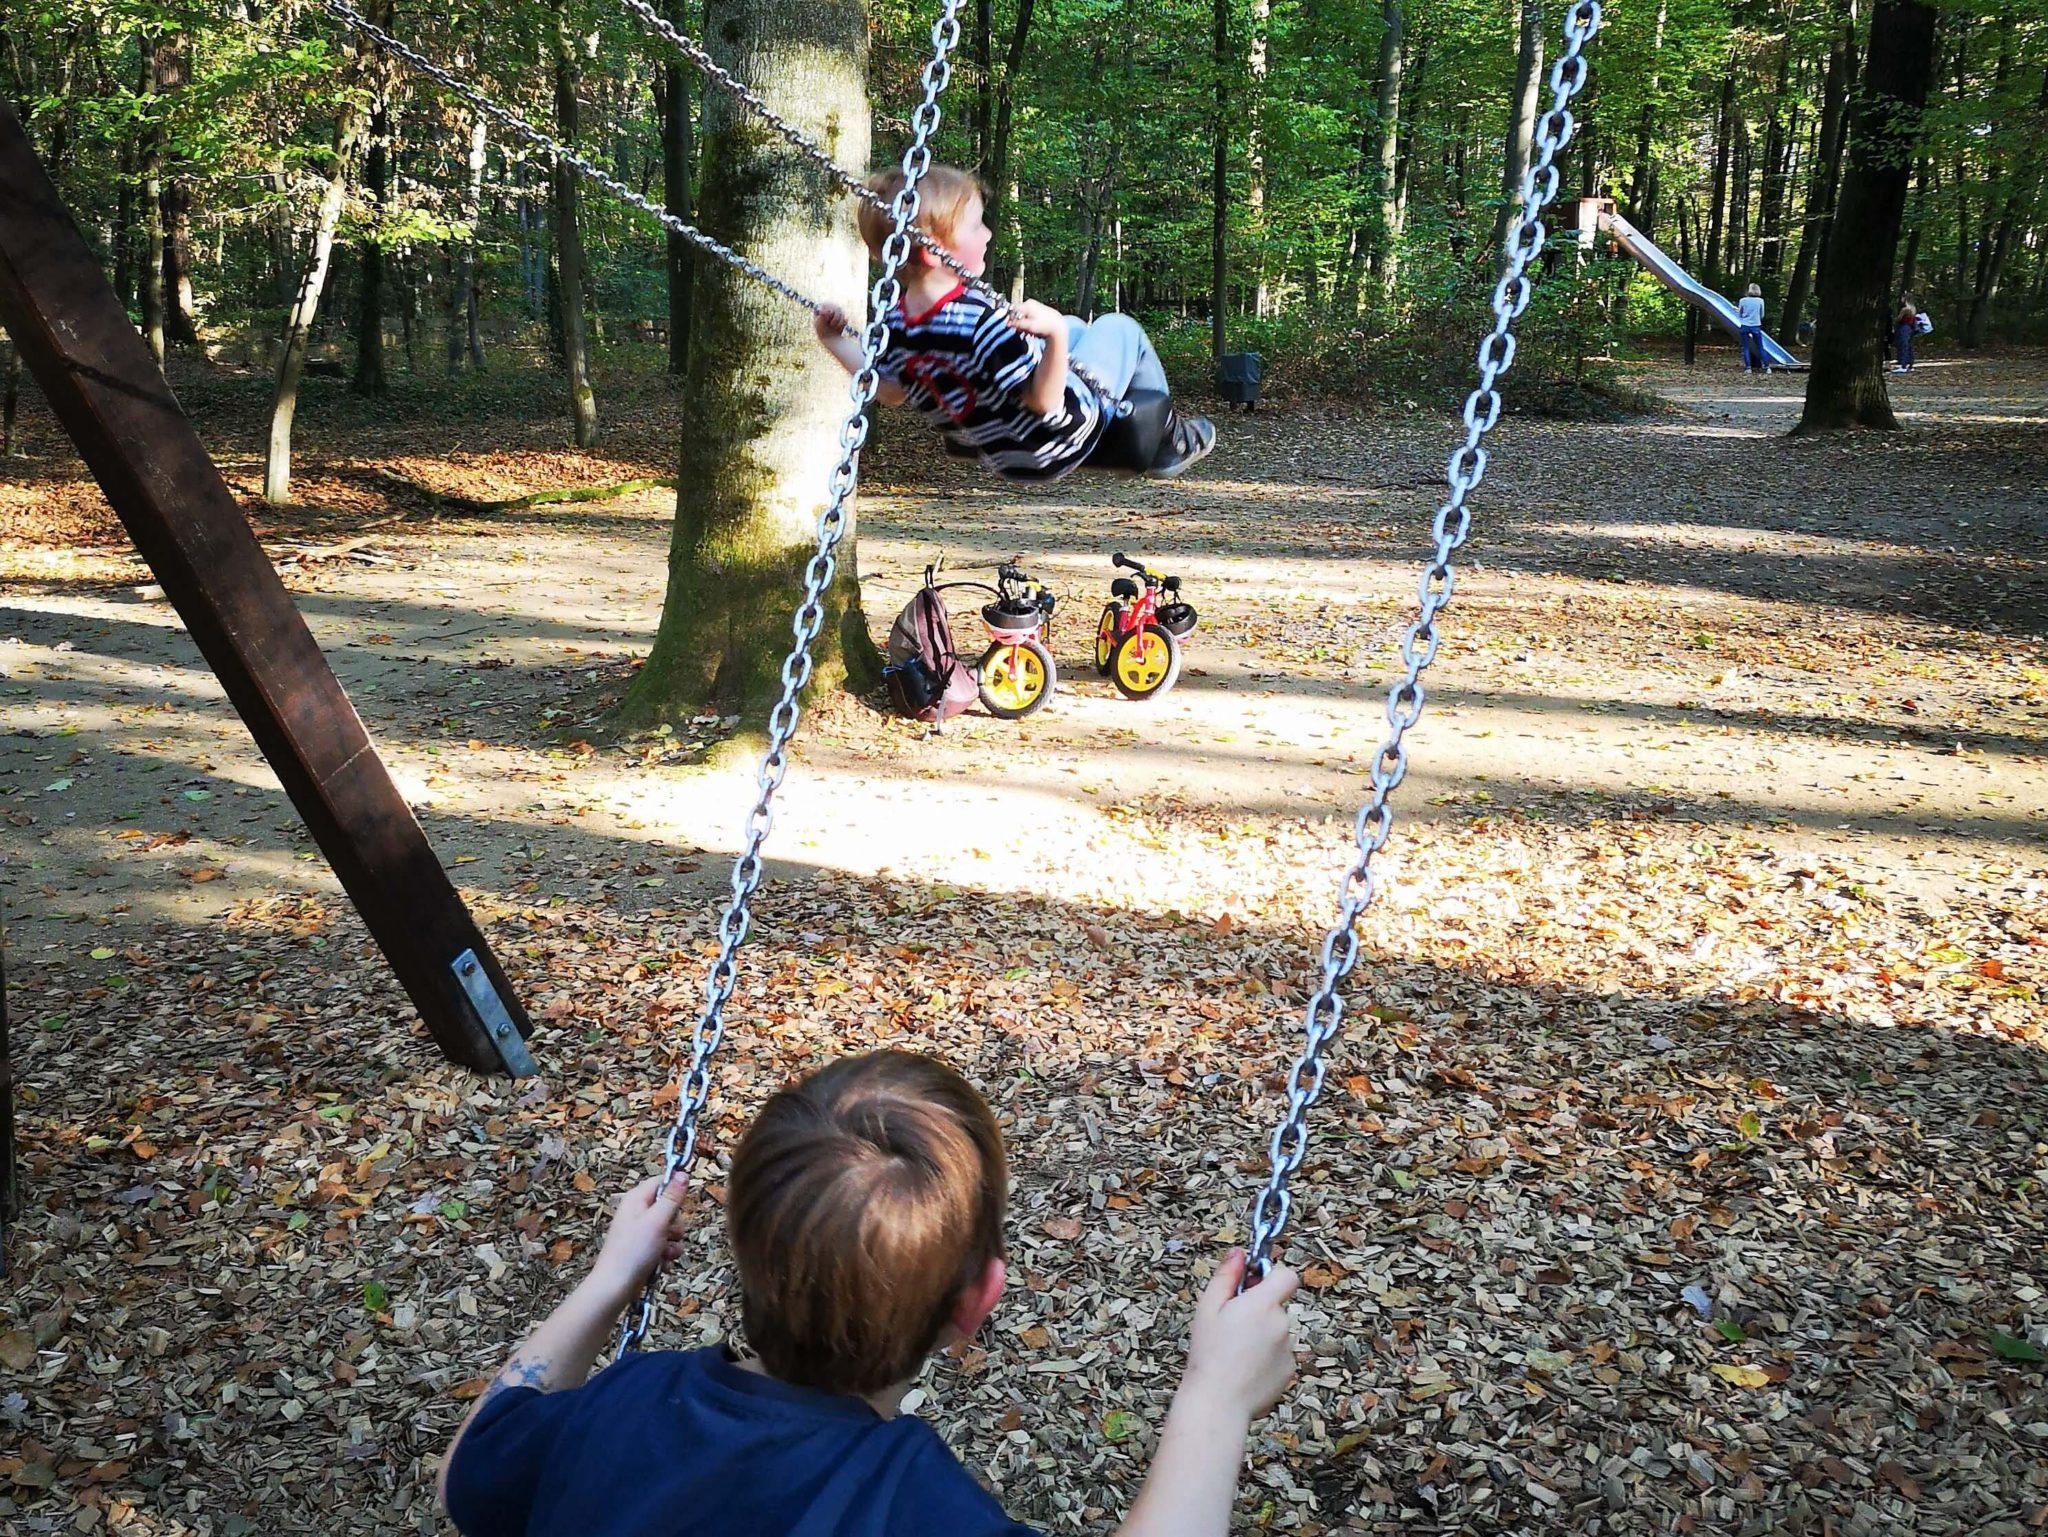 Waldspielpark Tannenwald in Neu-Isenburg